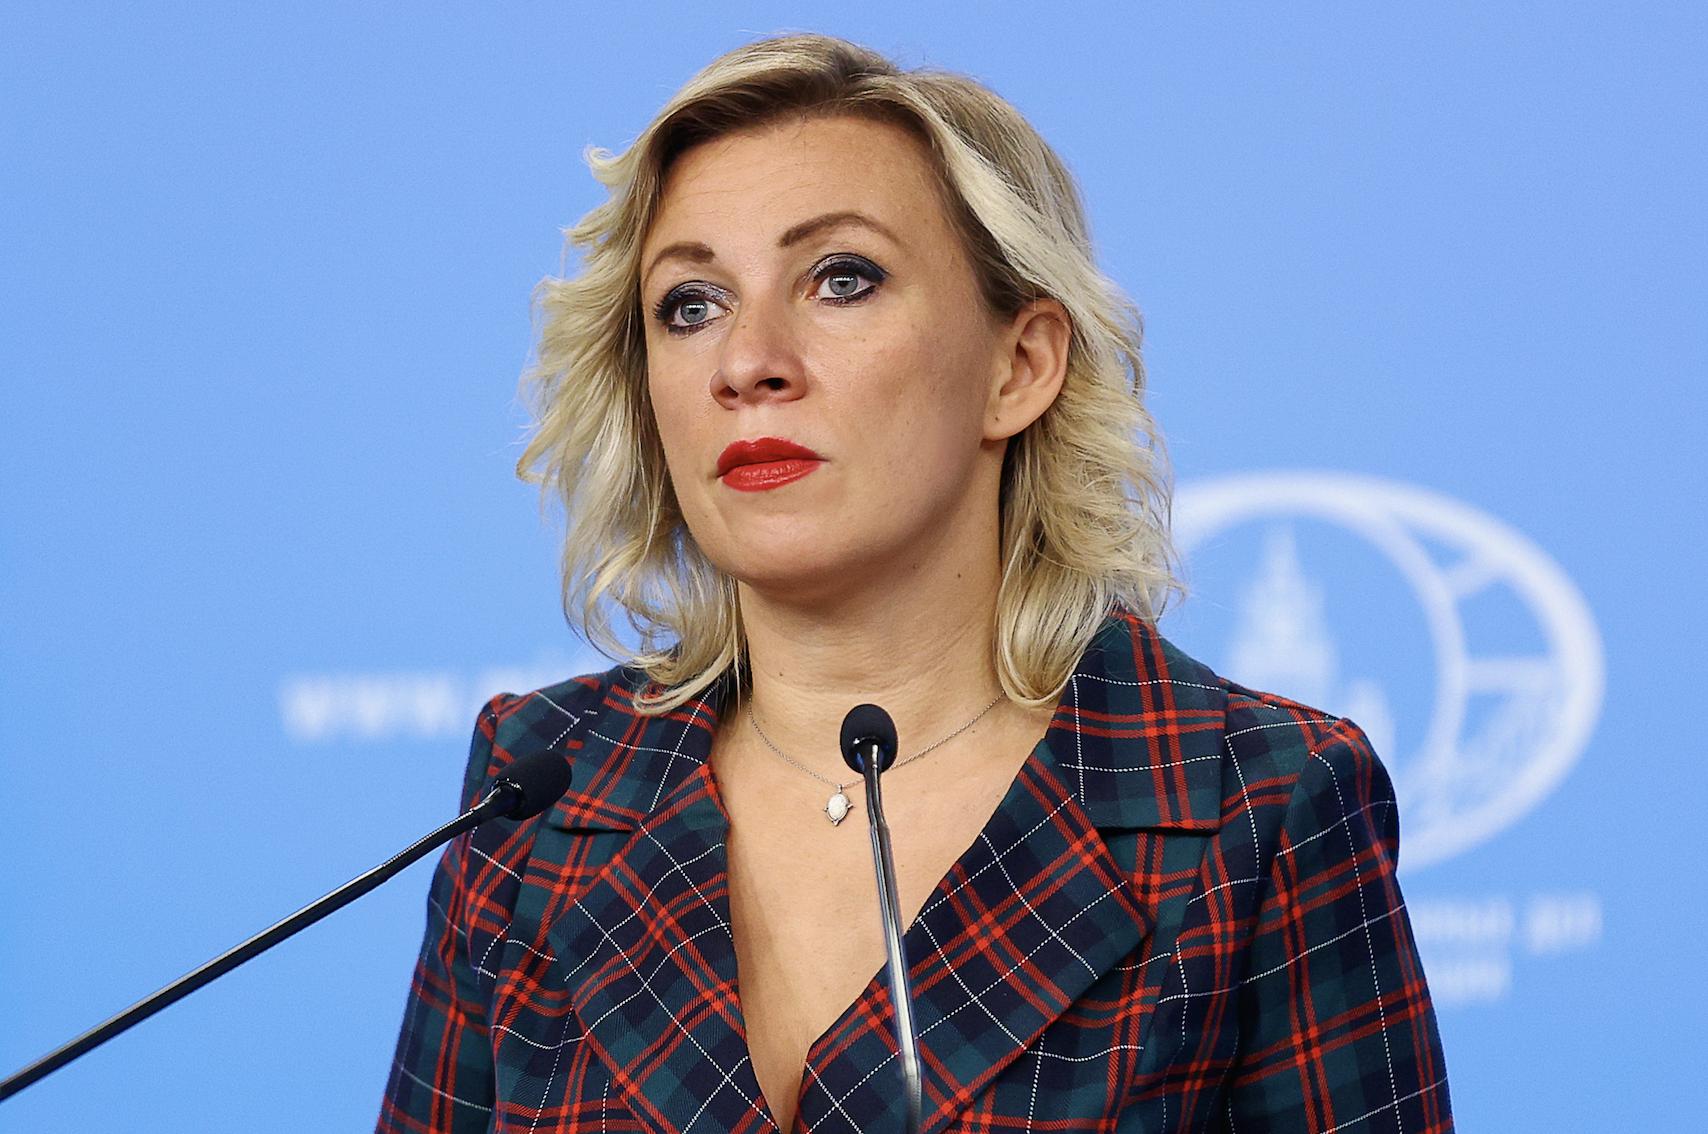 """Захарова призвала не втягивать подростков в """"адскую постановку"""" при помощи незаконных митингов"""